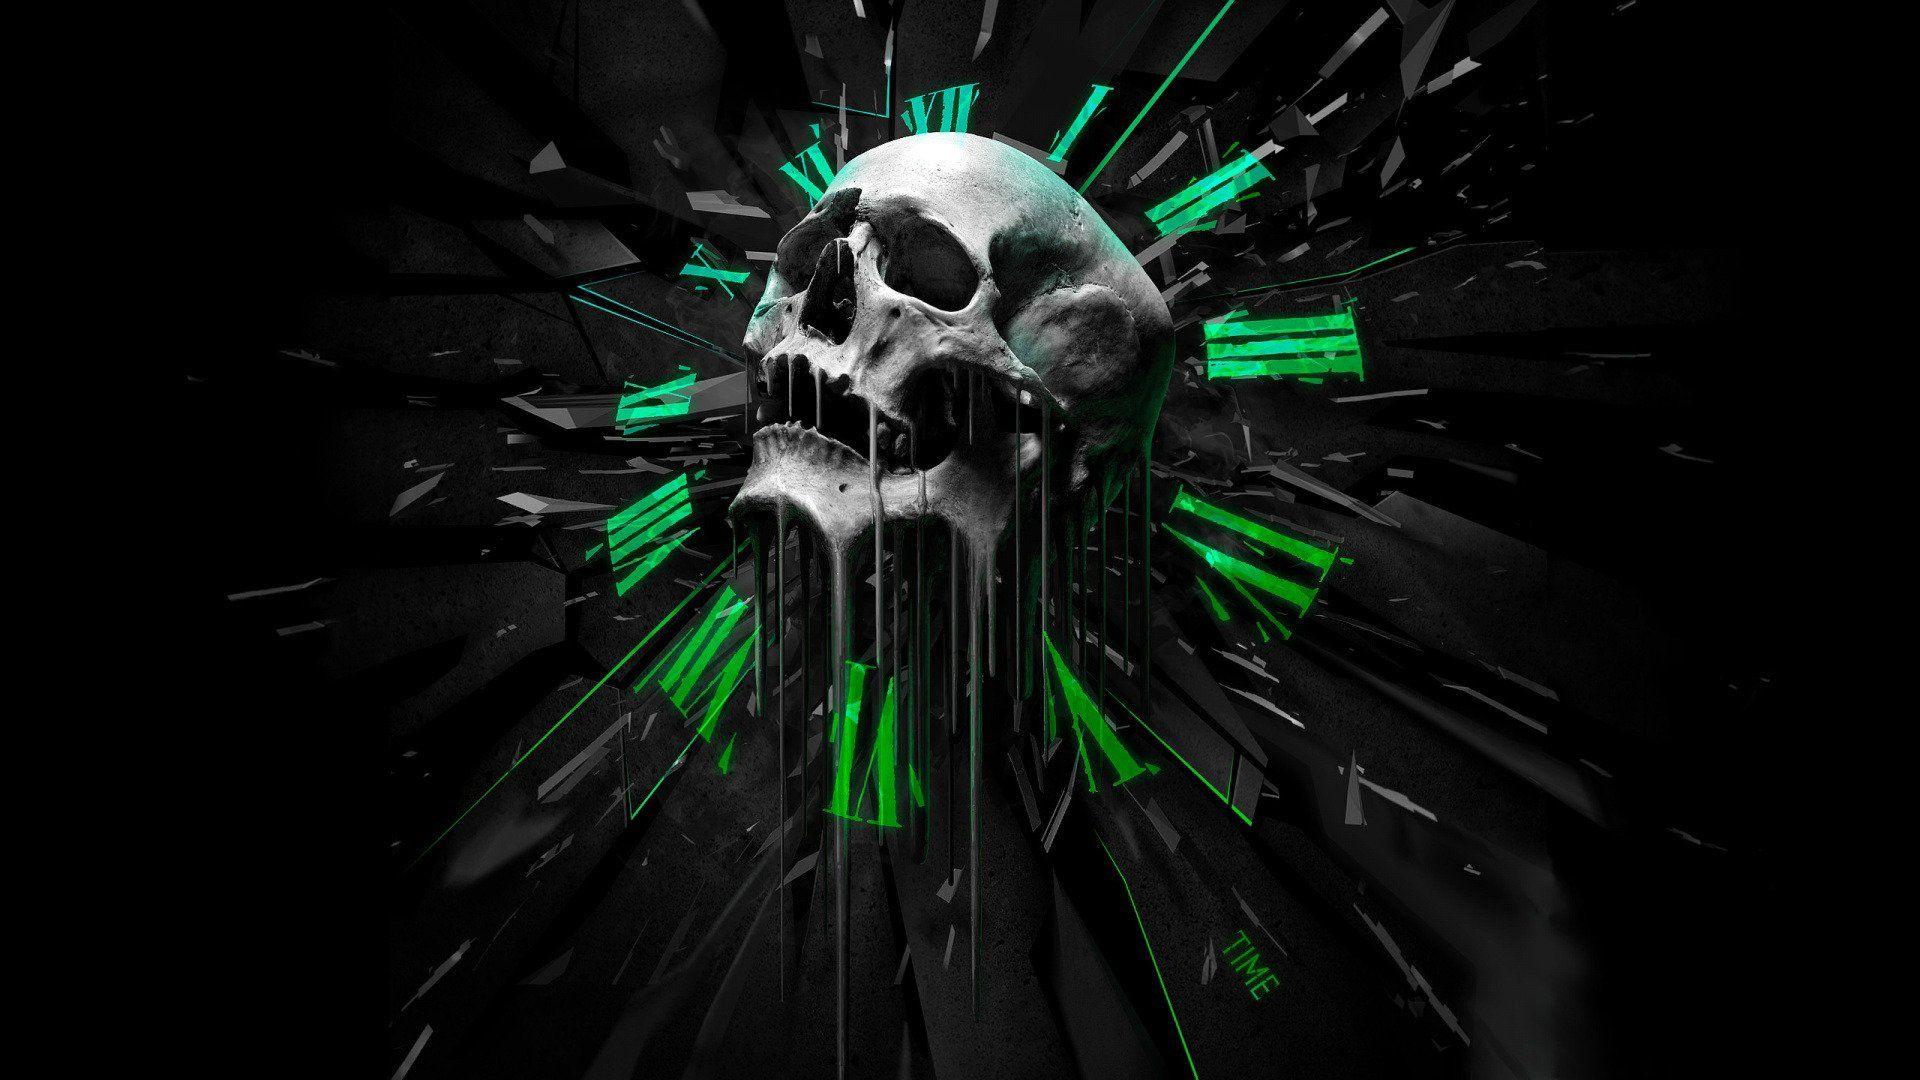 100 Imagenes En Hd Para Fondo De Pantalla Skull Wallpaper Skull Pictures Skull Art